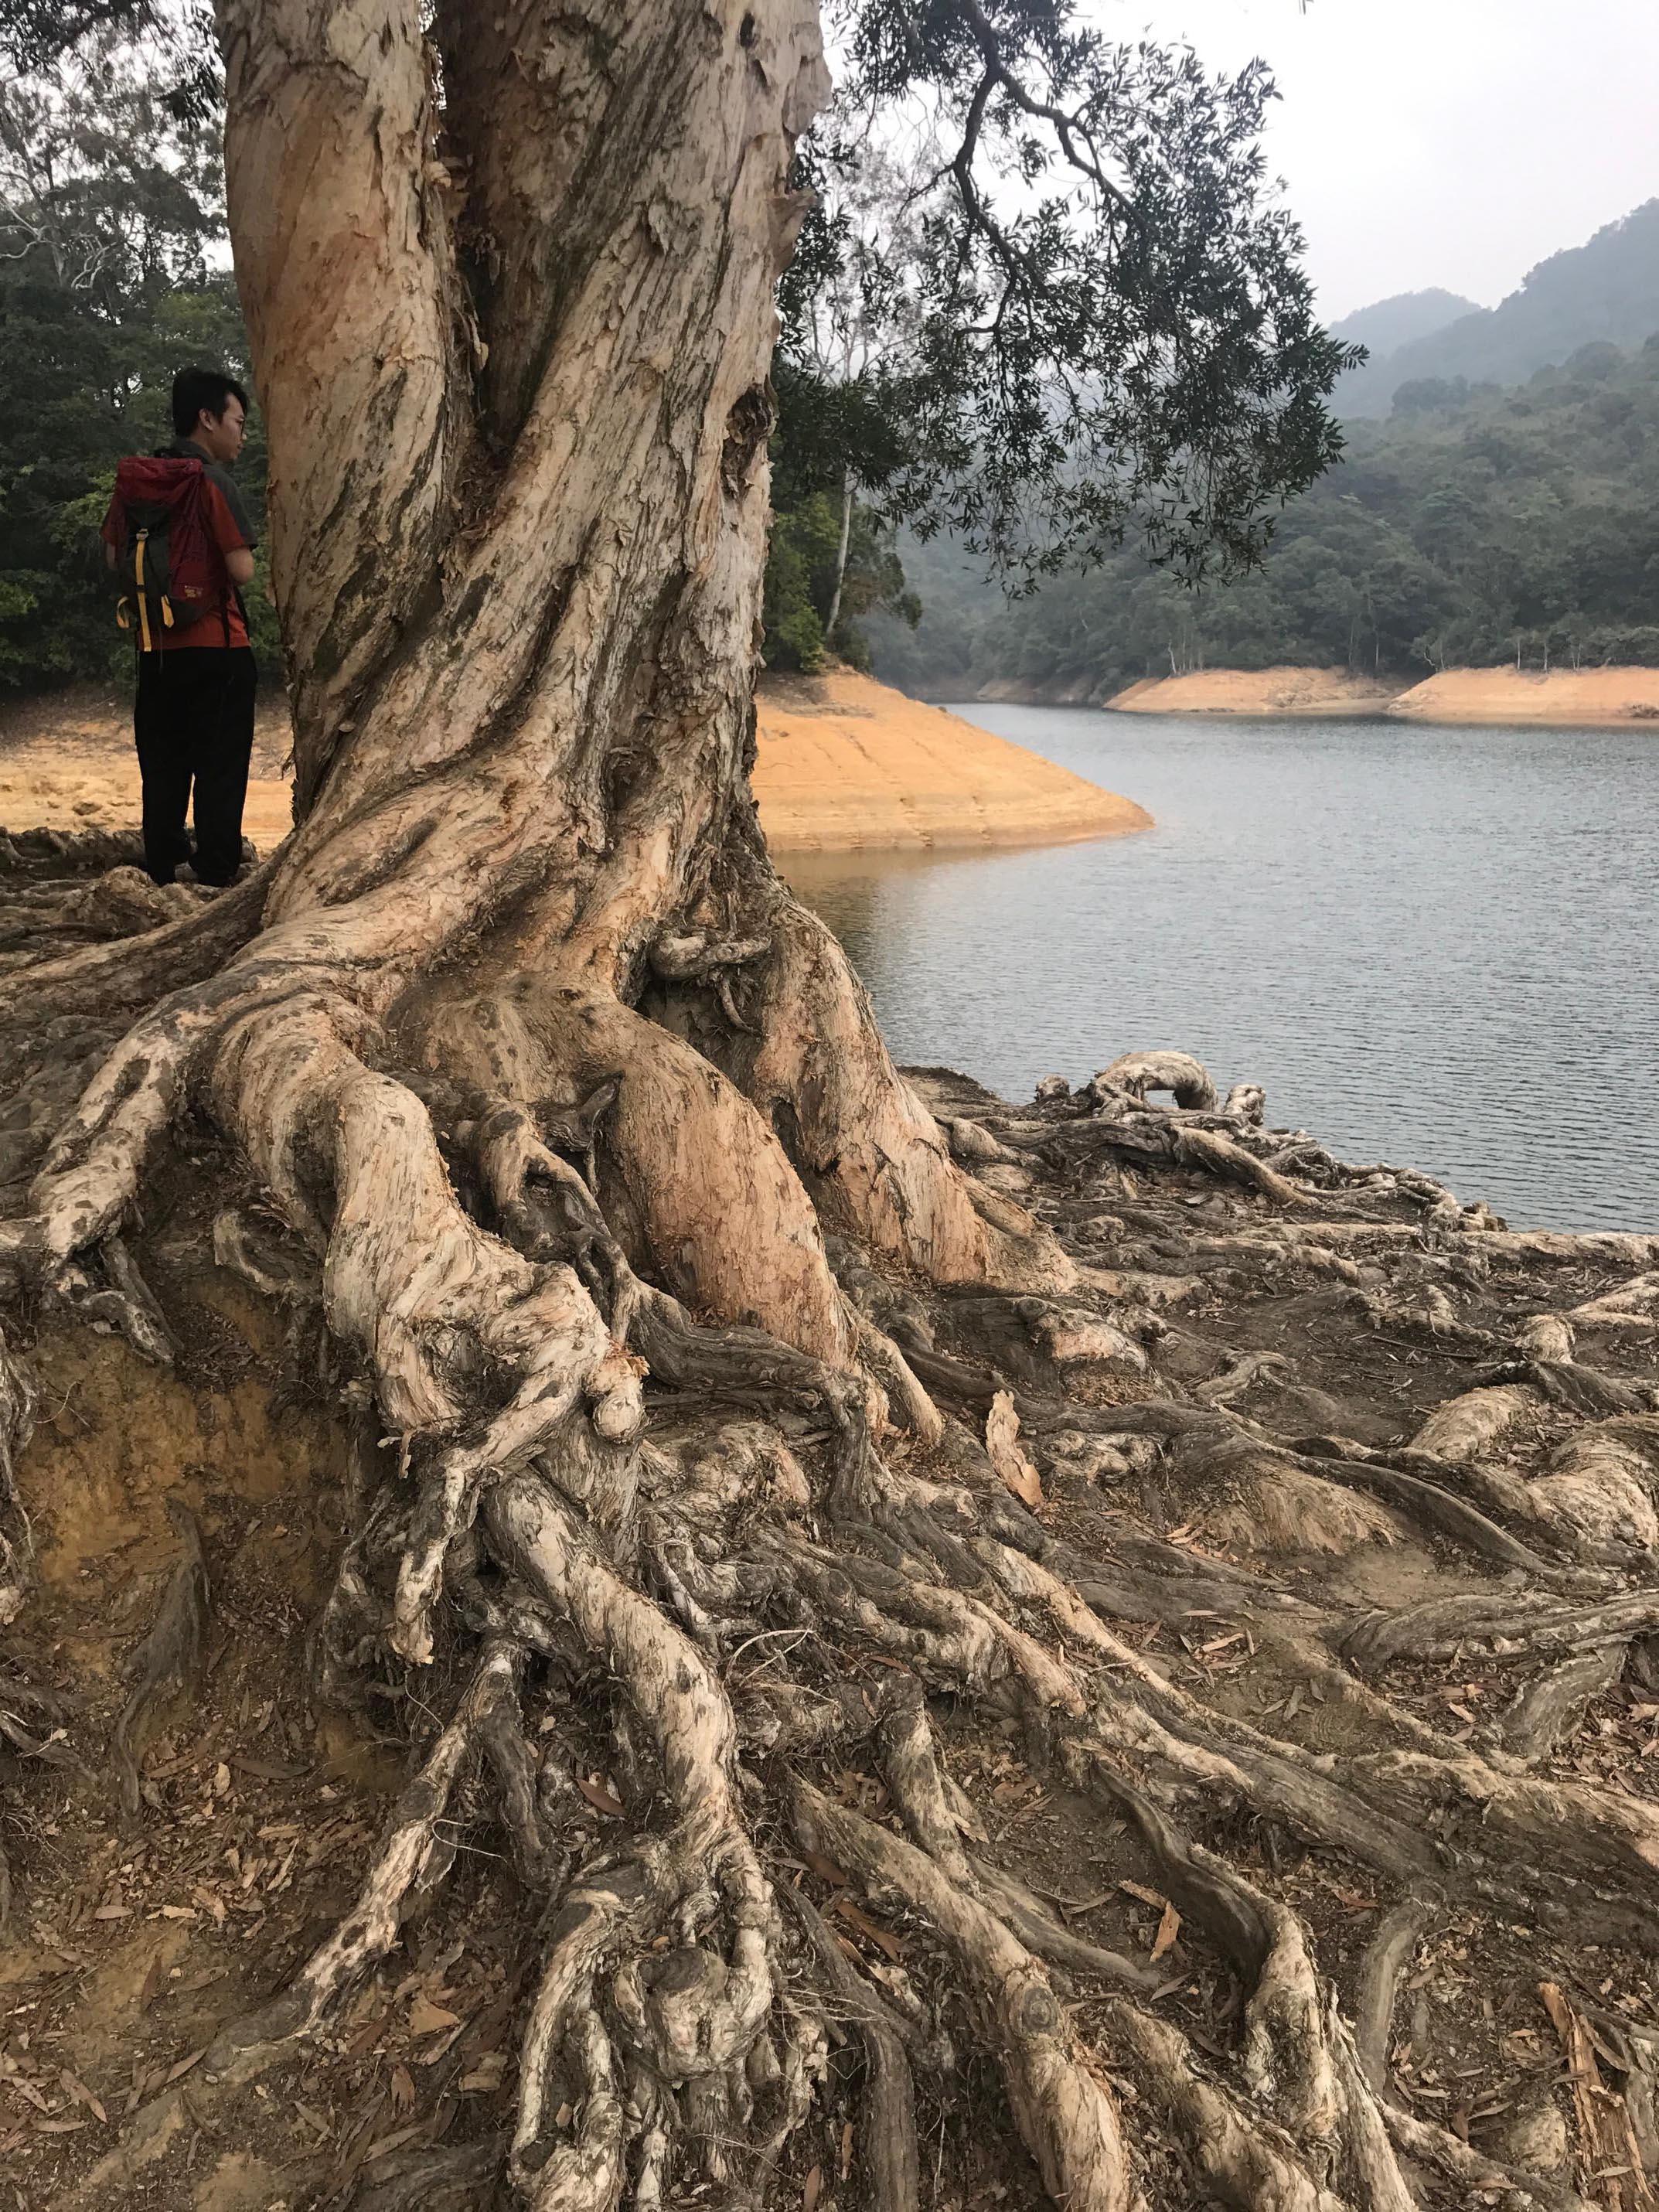 縱橫交錯的樹根凸顯其生命力